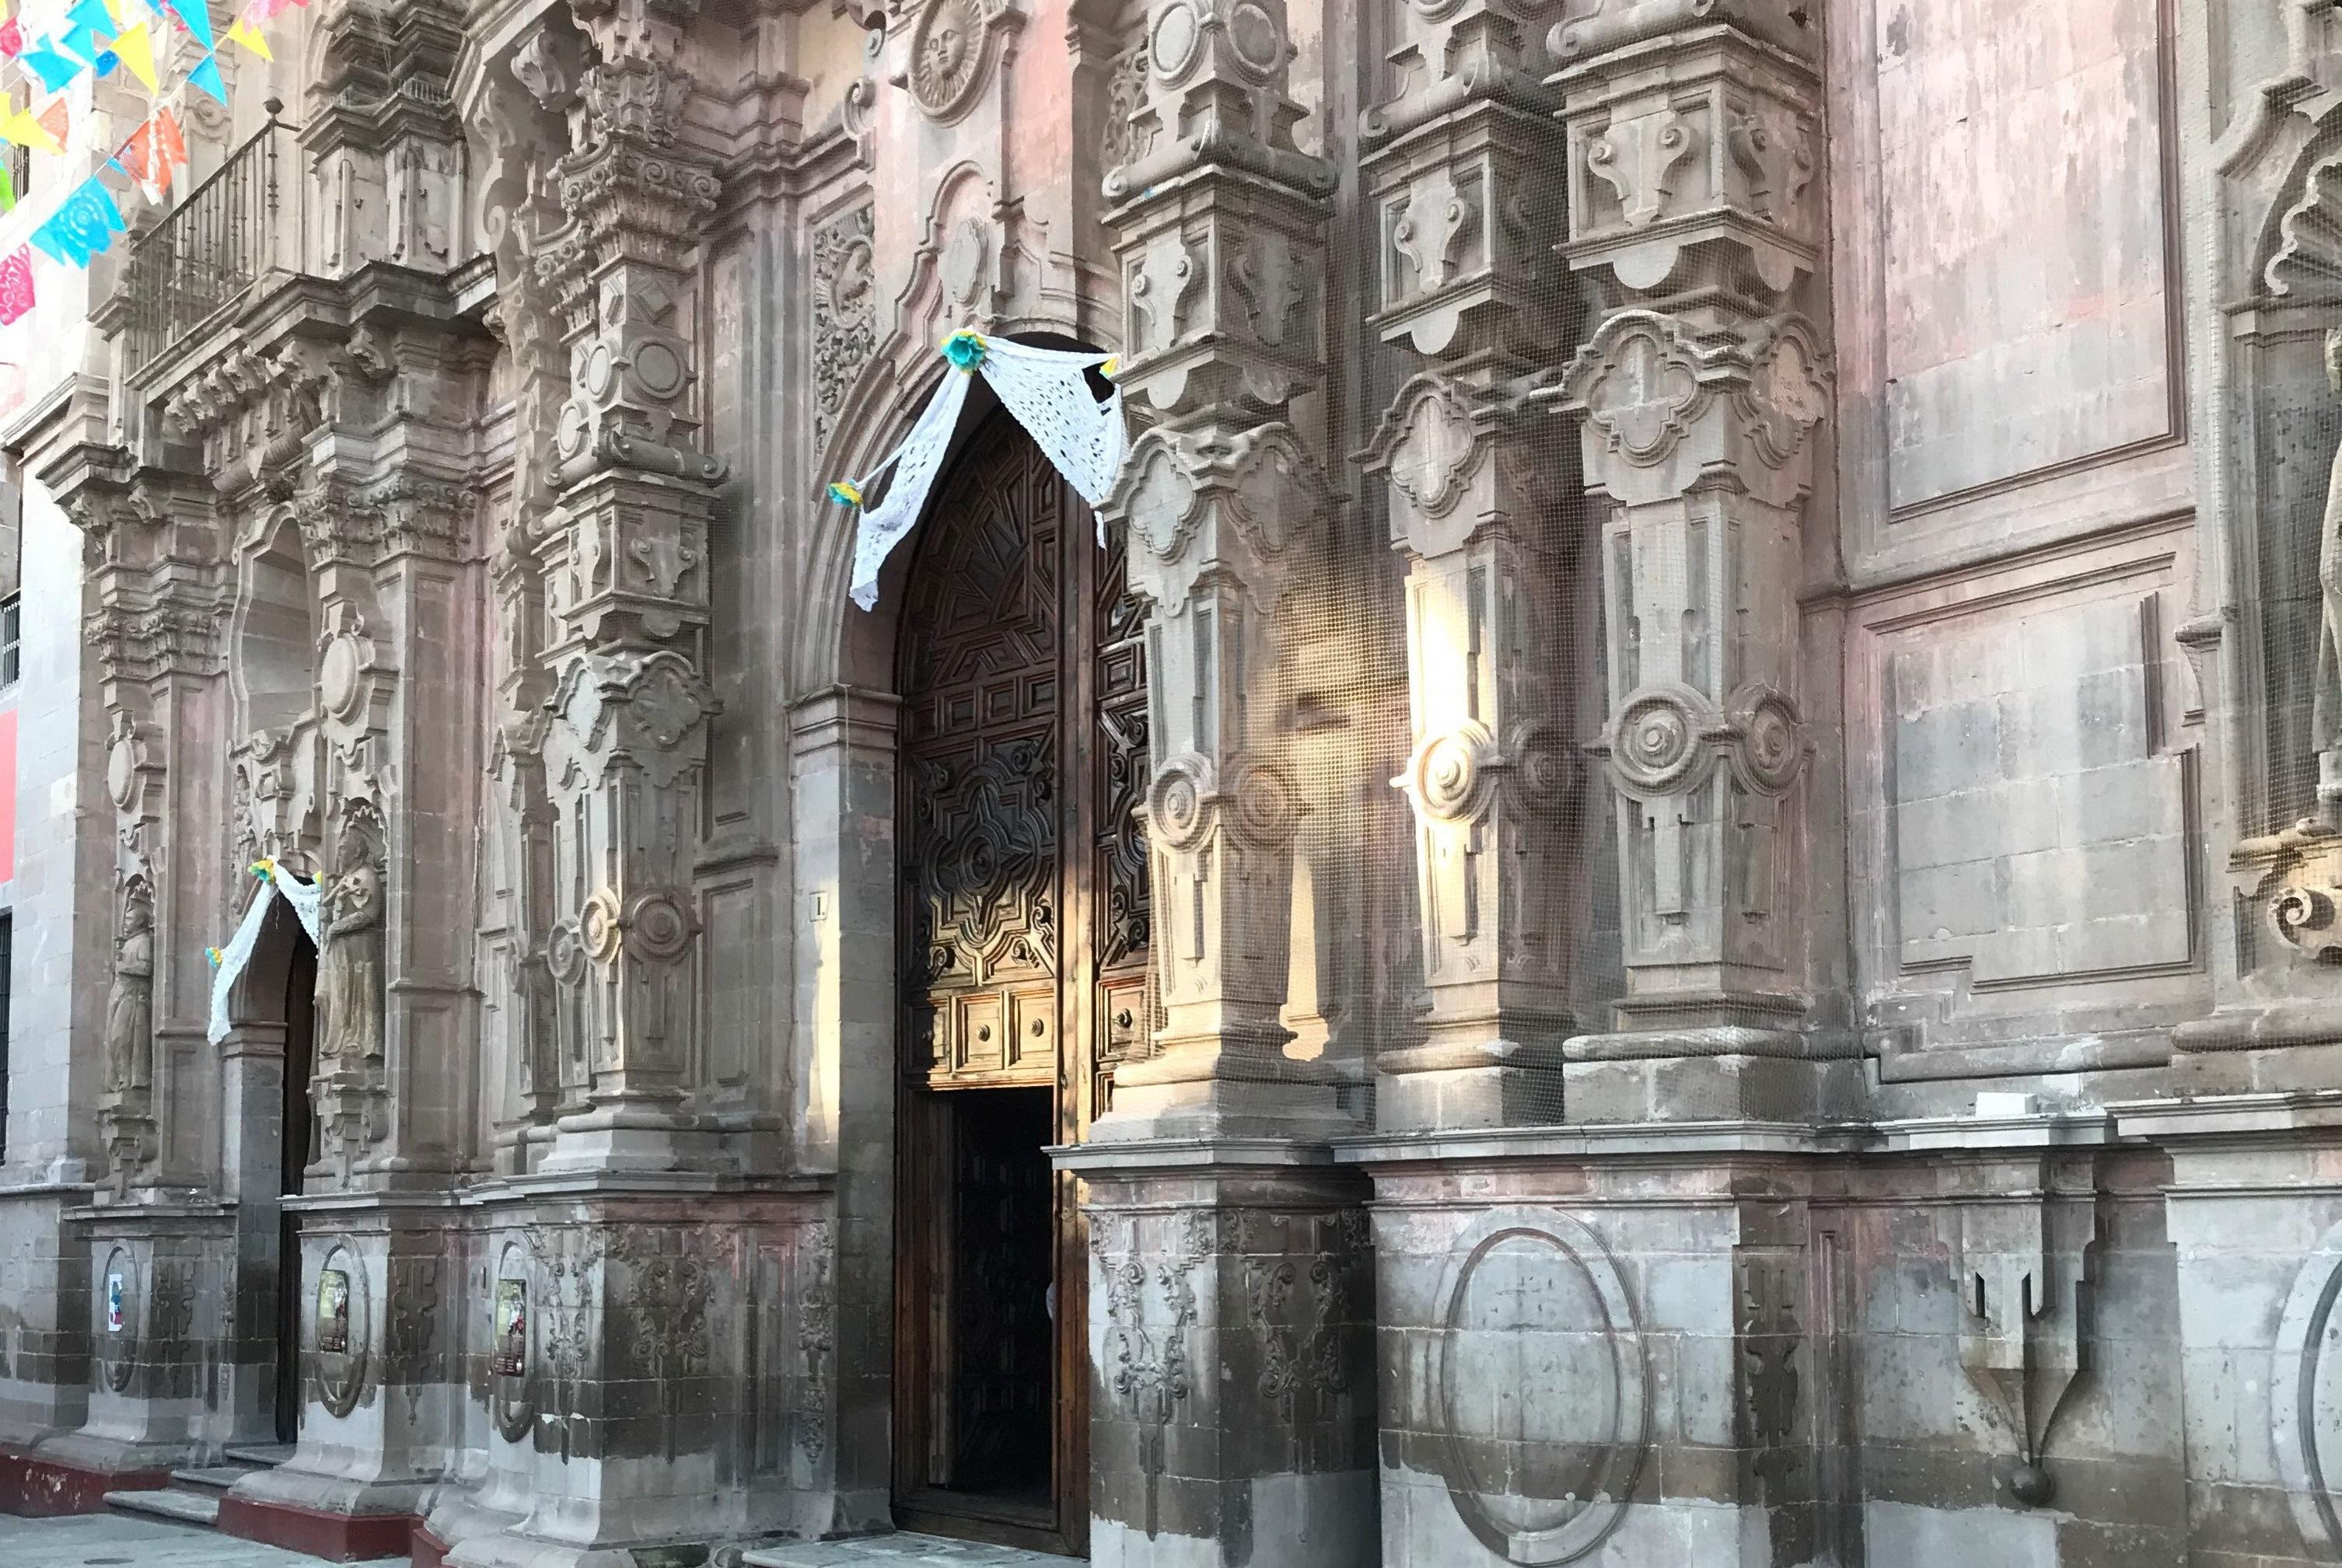 墨西哥瓜纳华托小镇的人好像永远在教堂或在去教堂的路上